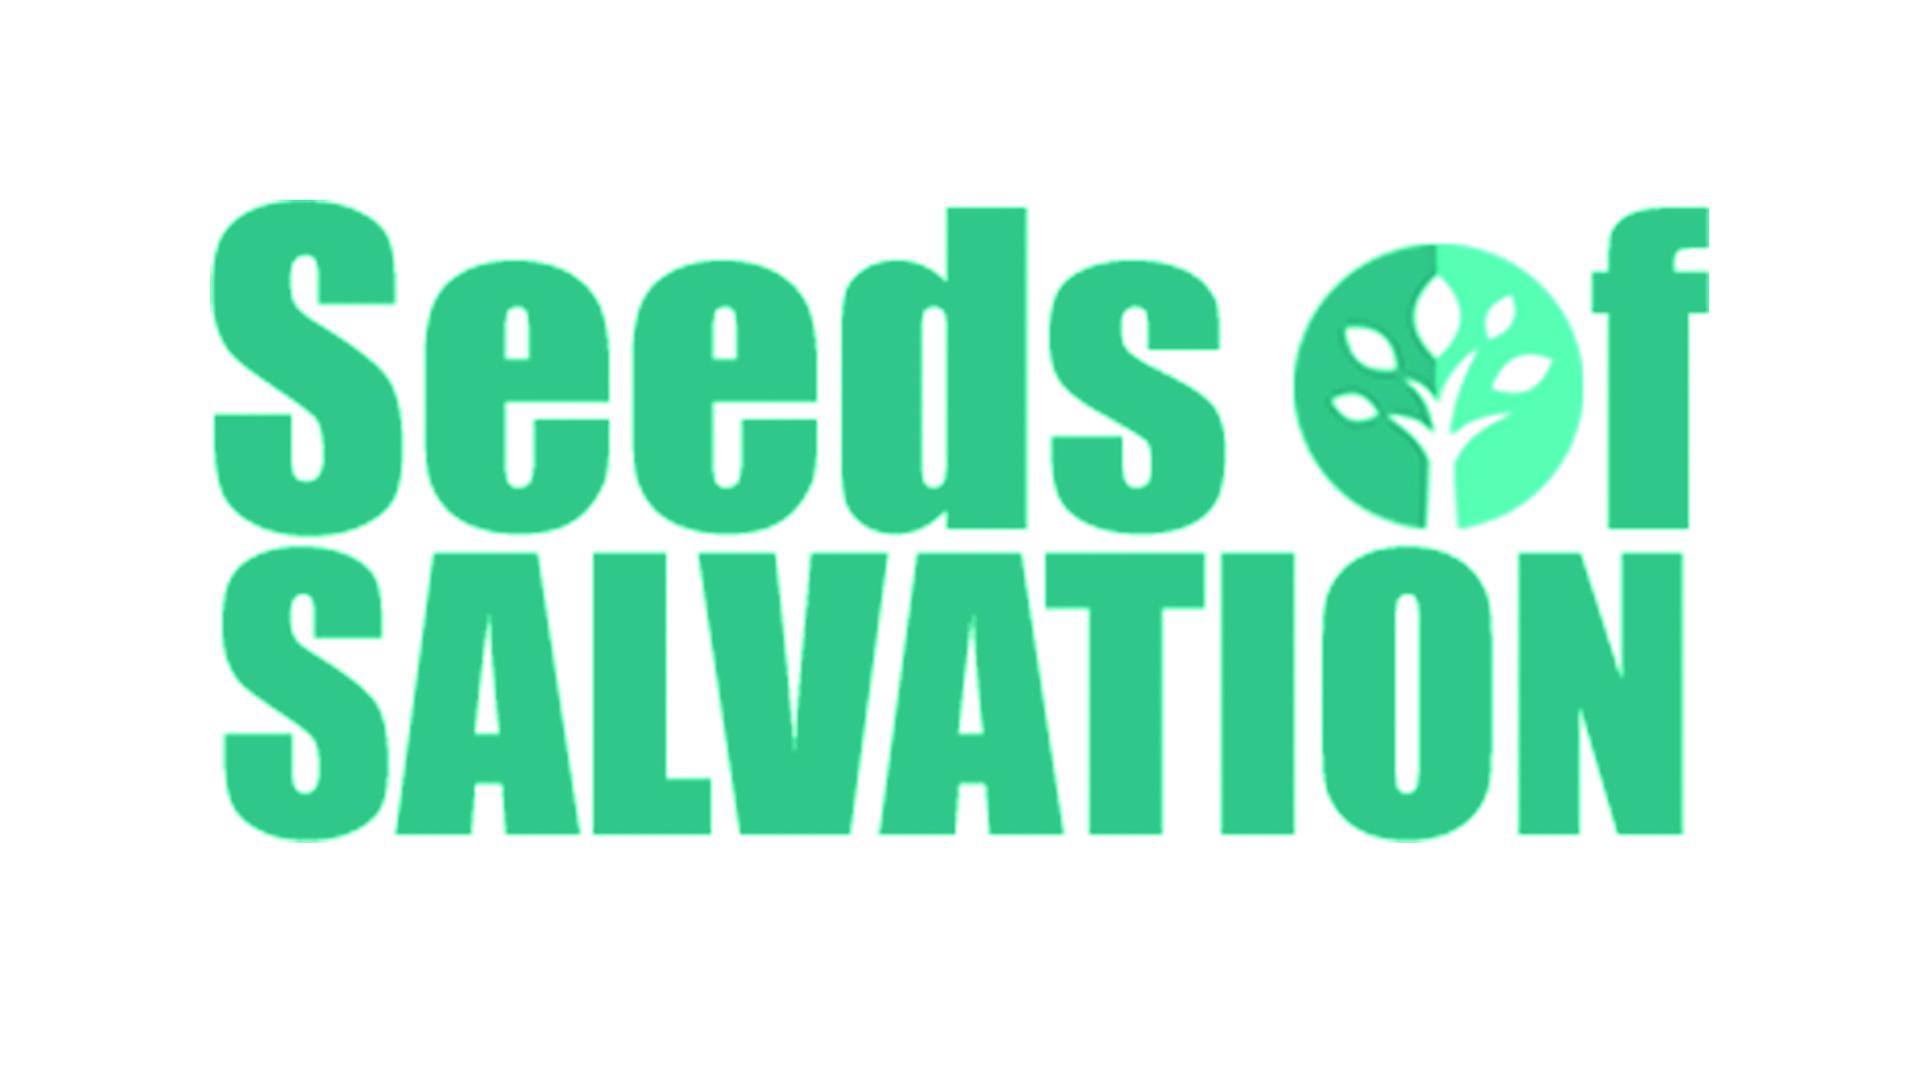 Seeds of Salvation